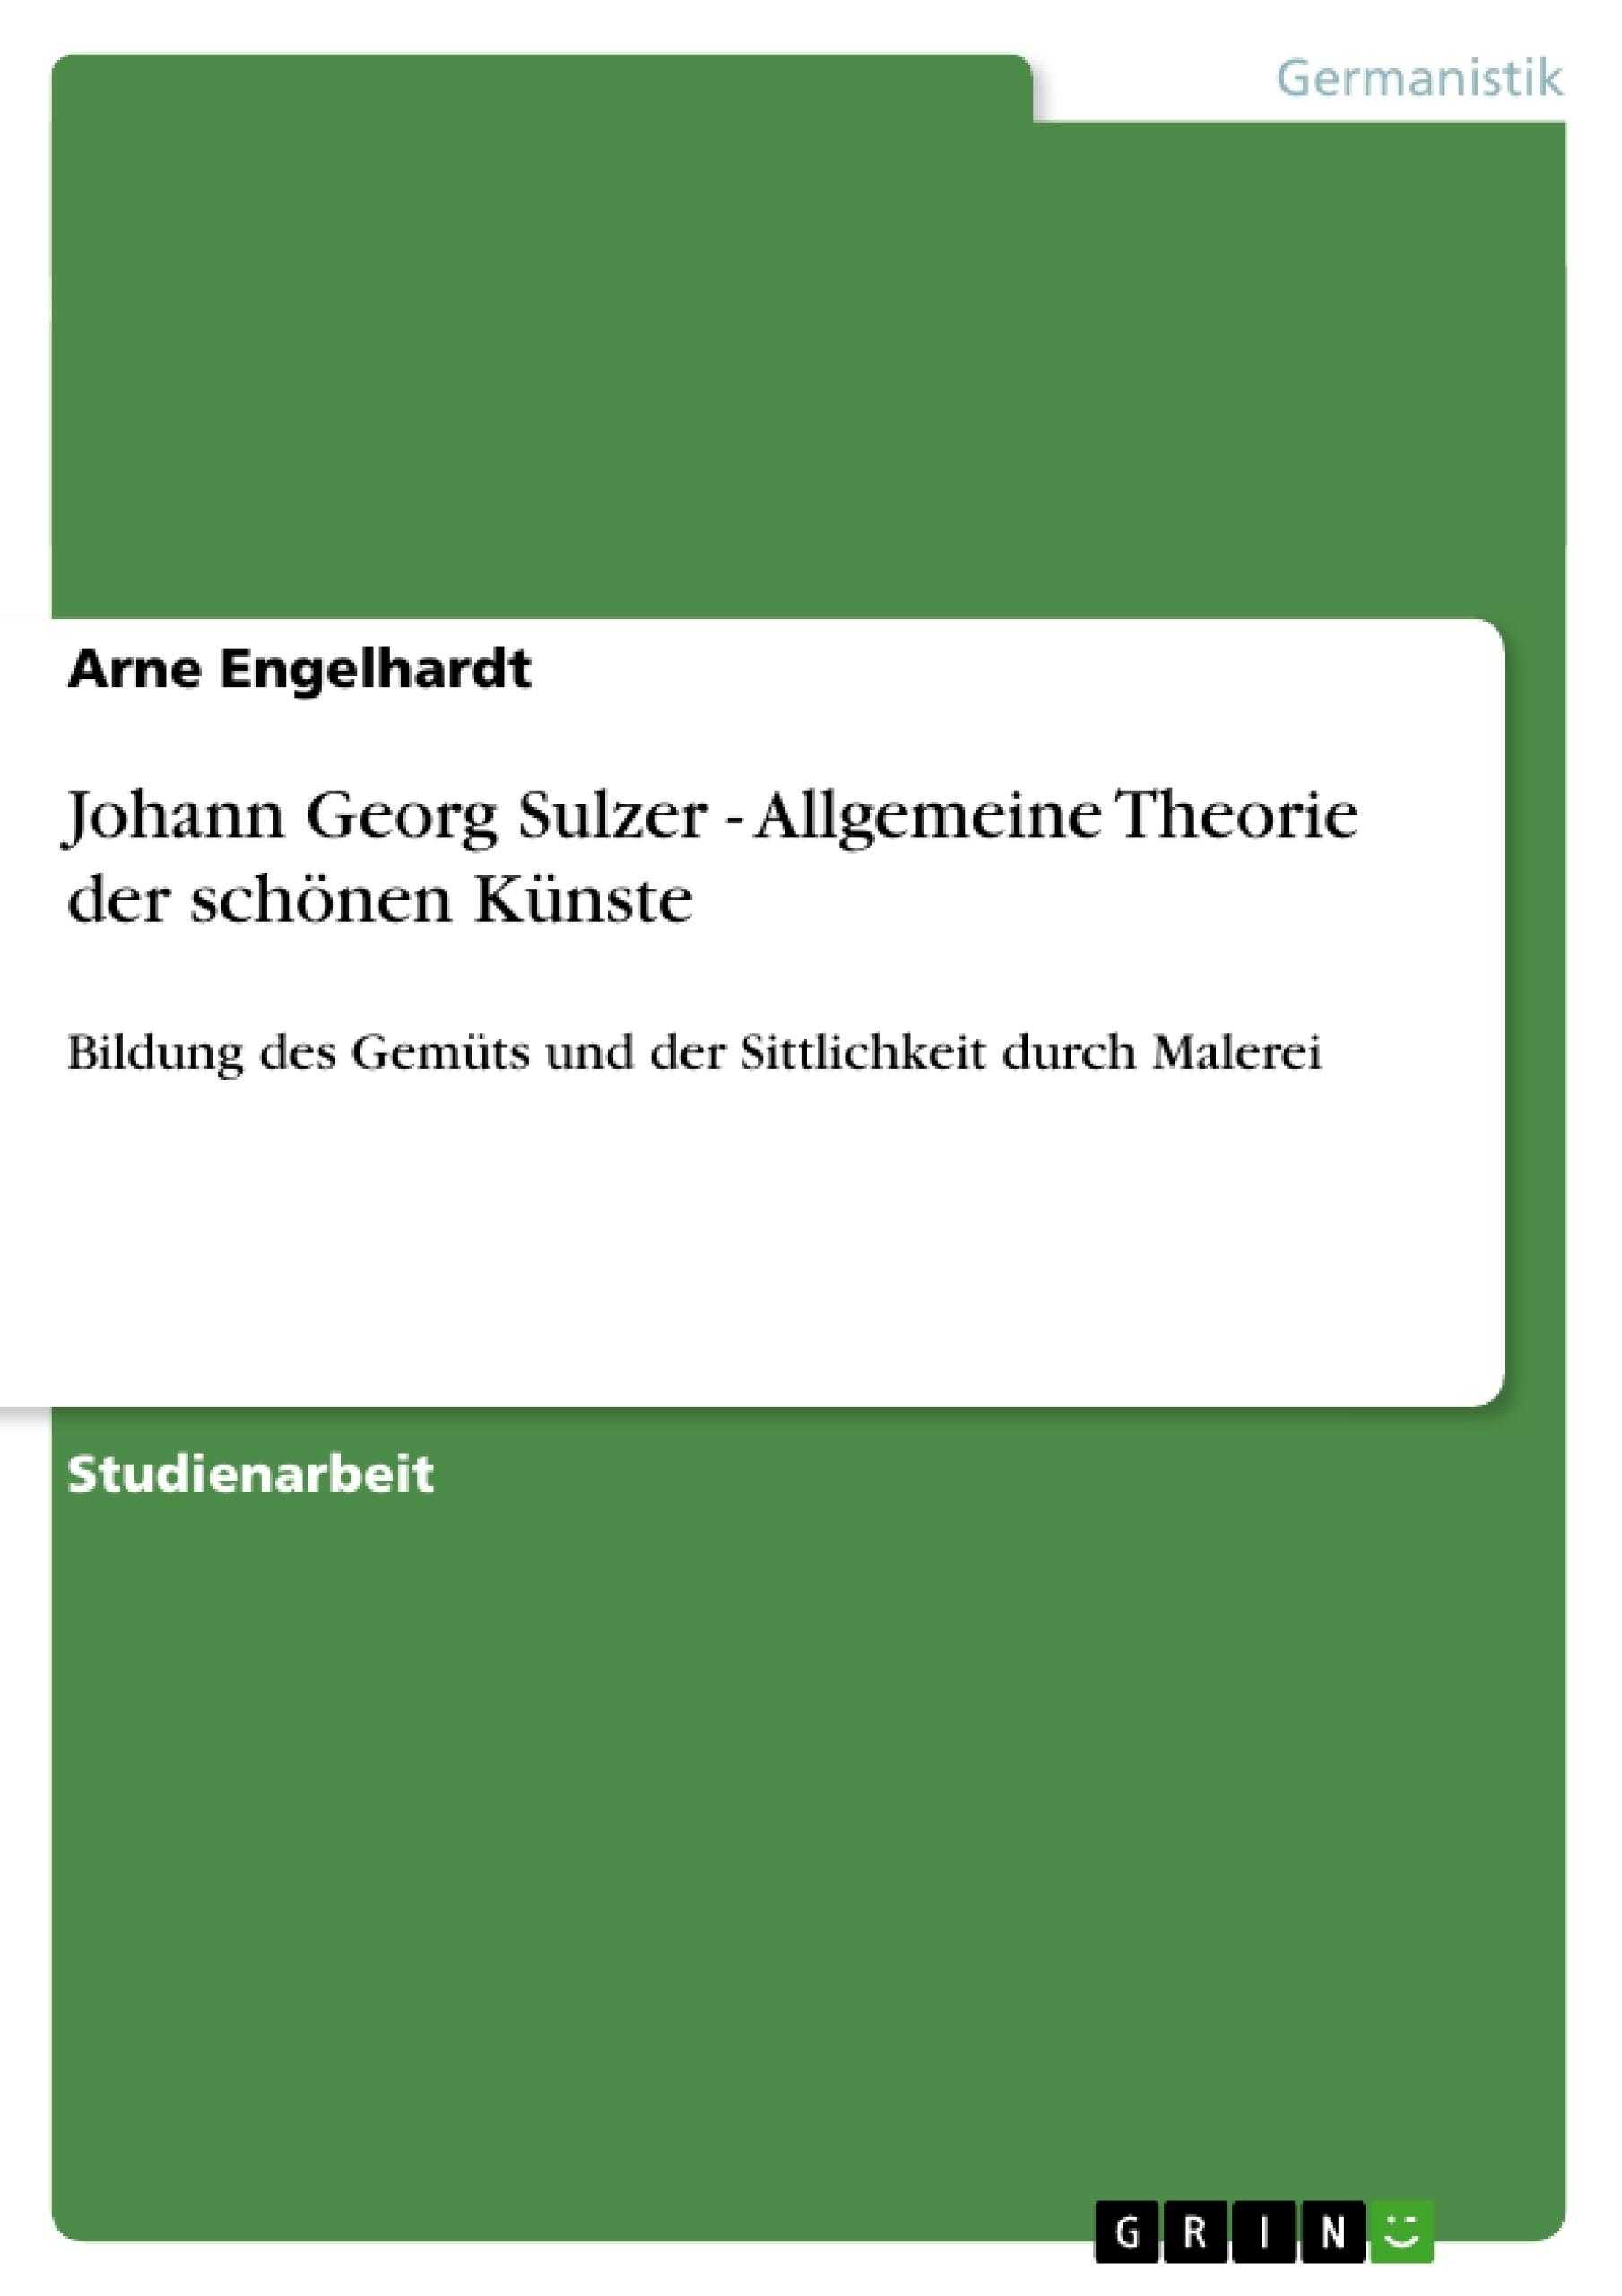 Titel: Johann Georg Sulzer - Allgemeine Theorie der schönen Künste